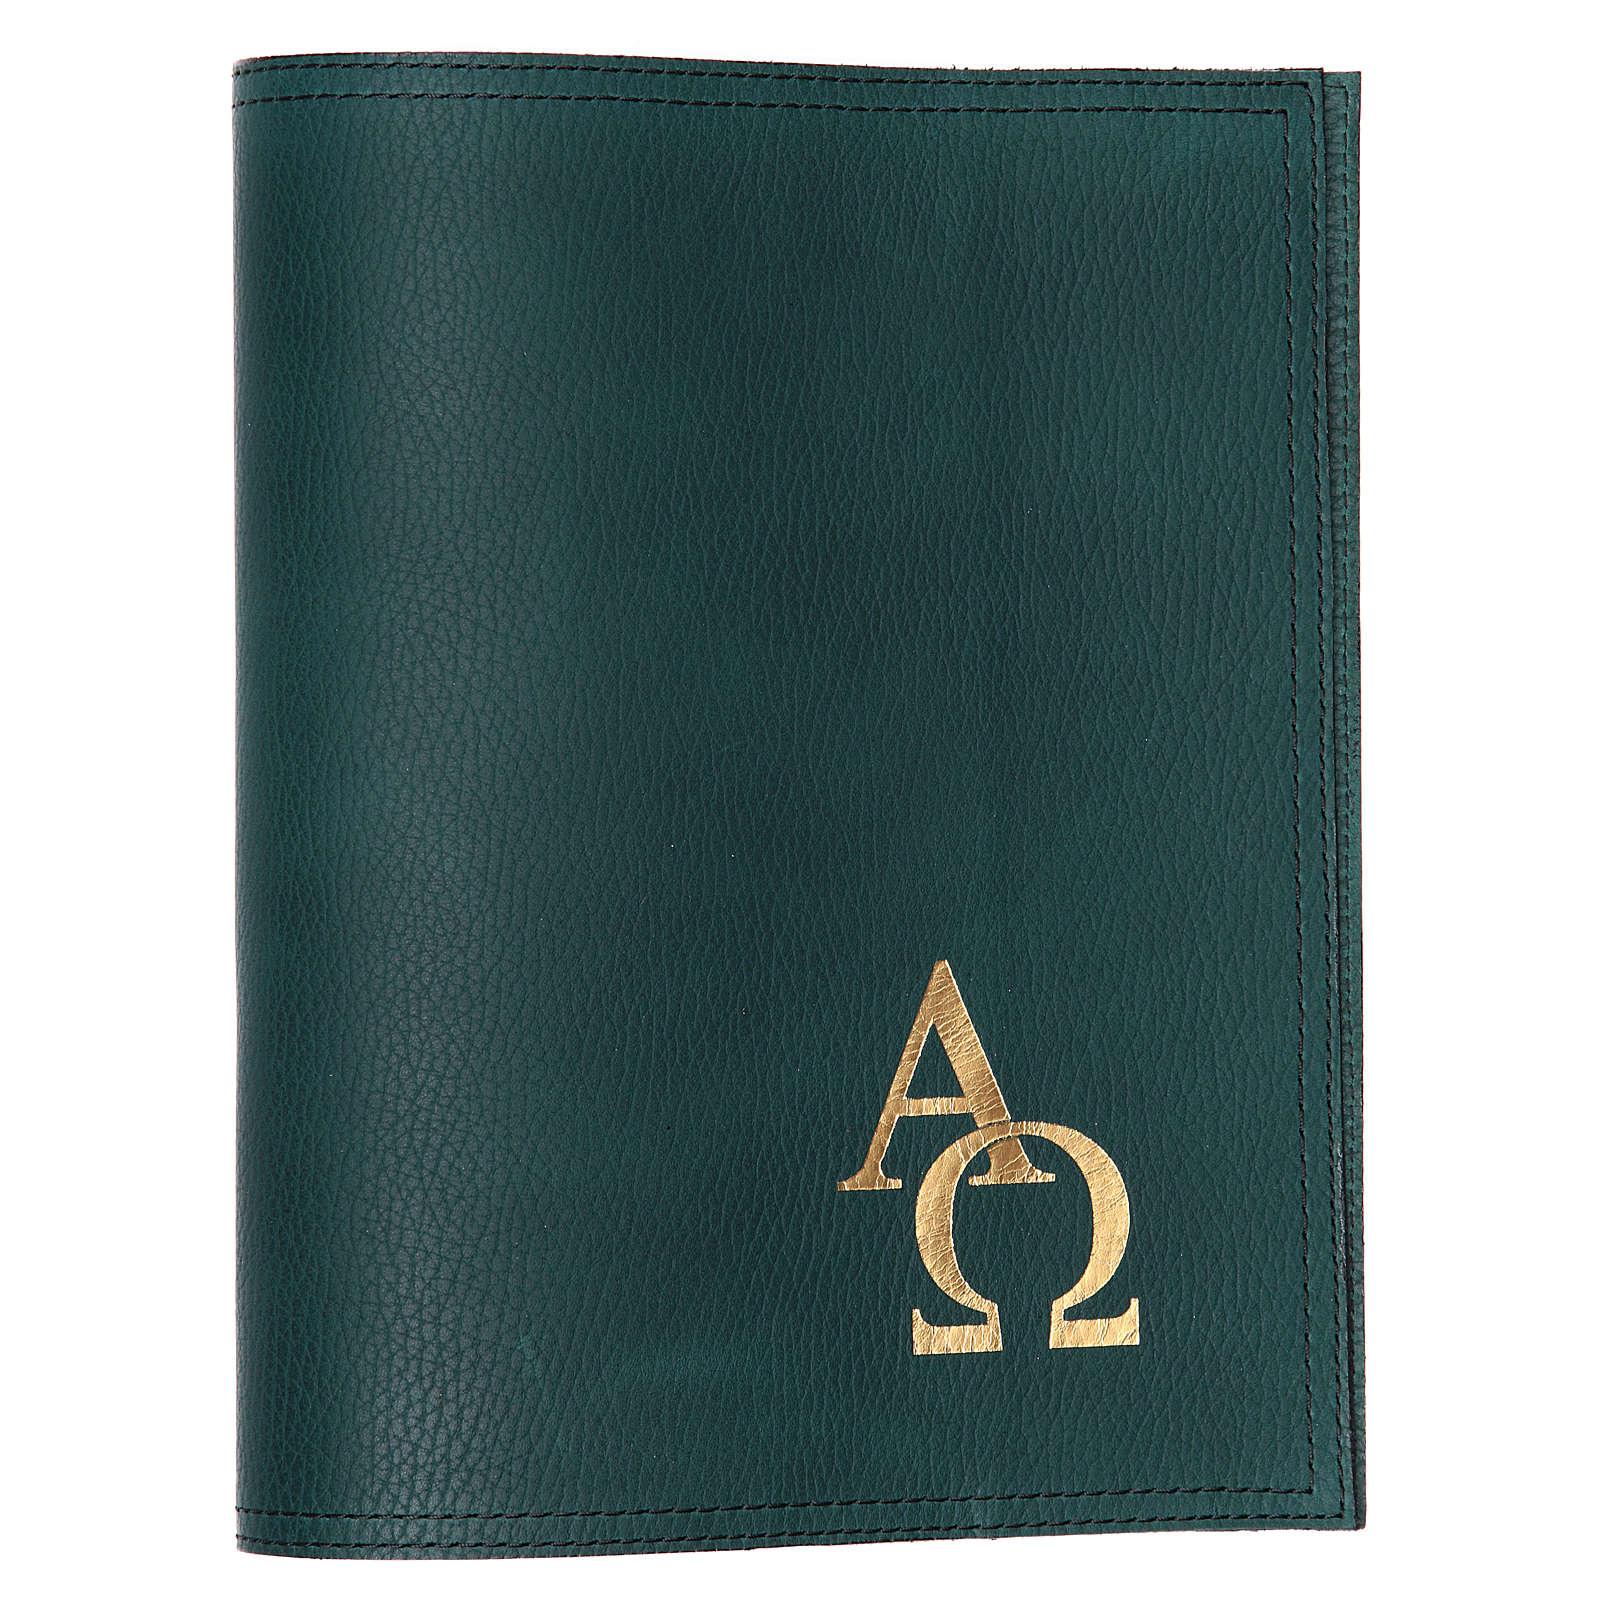 Coprimessale altare piccolo verde Alfa Omega 4